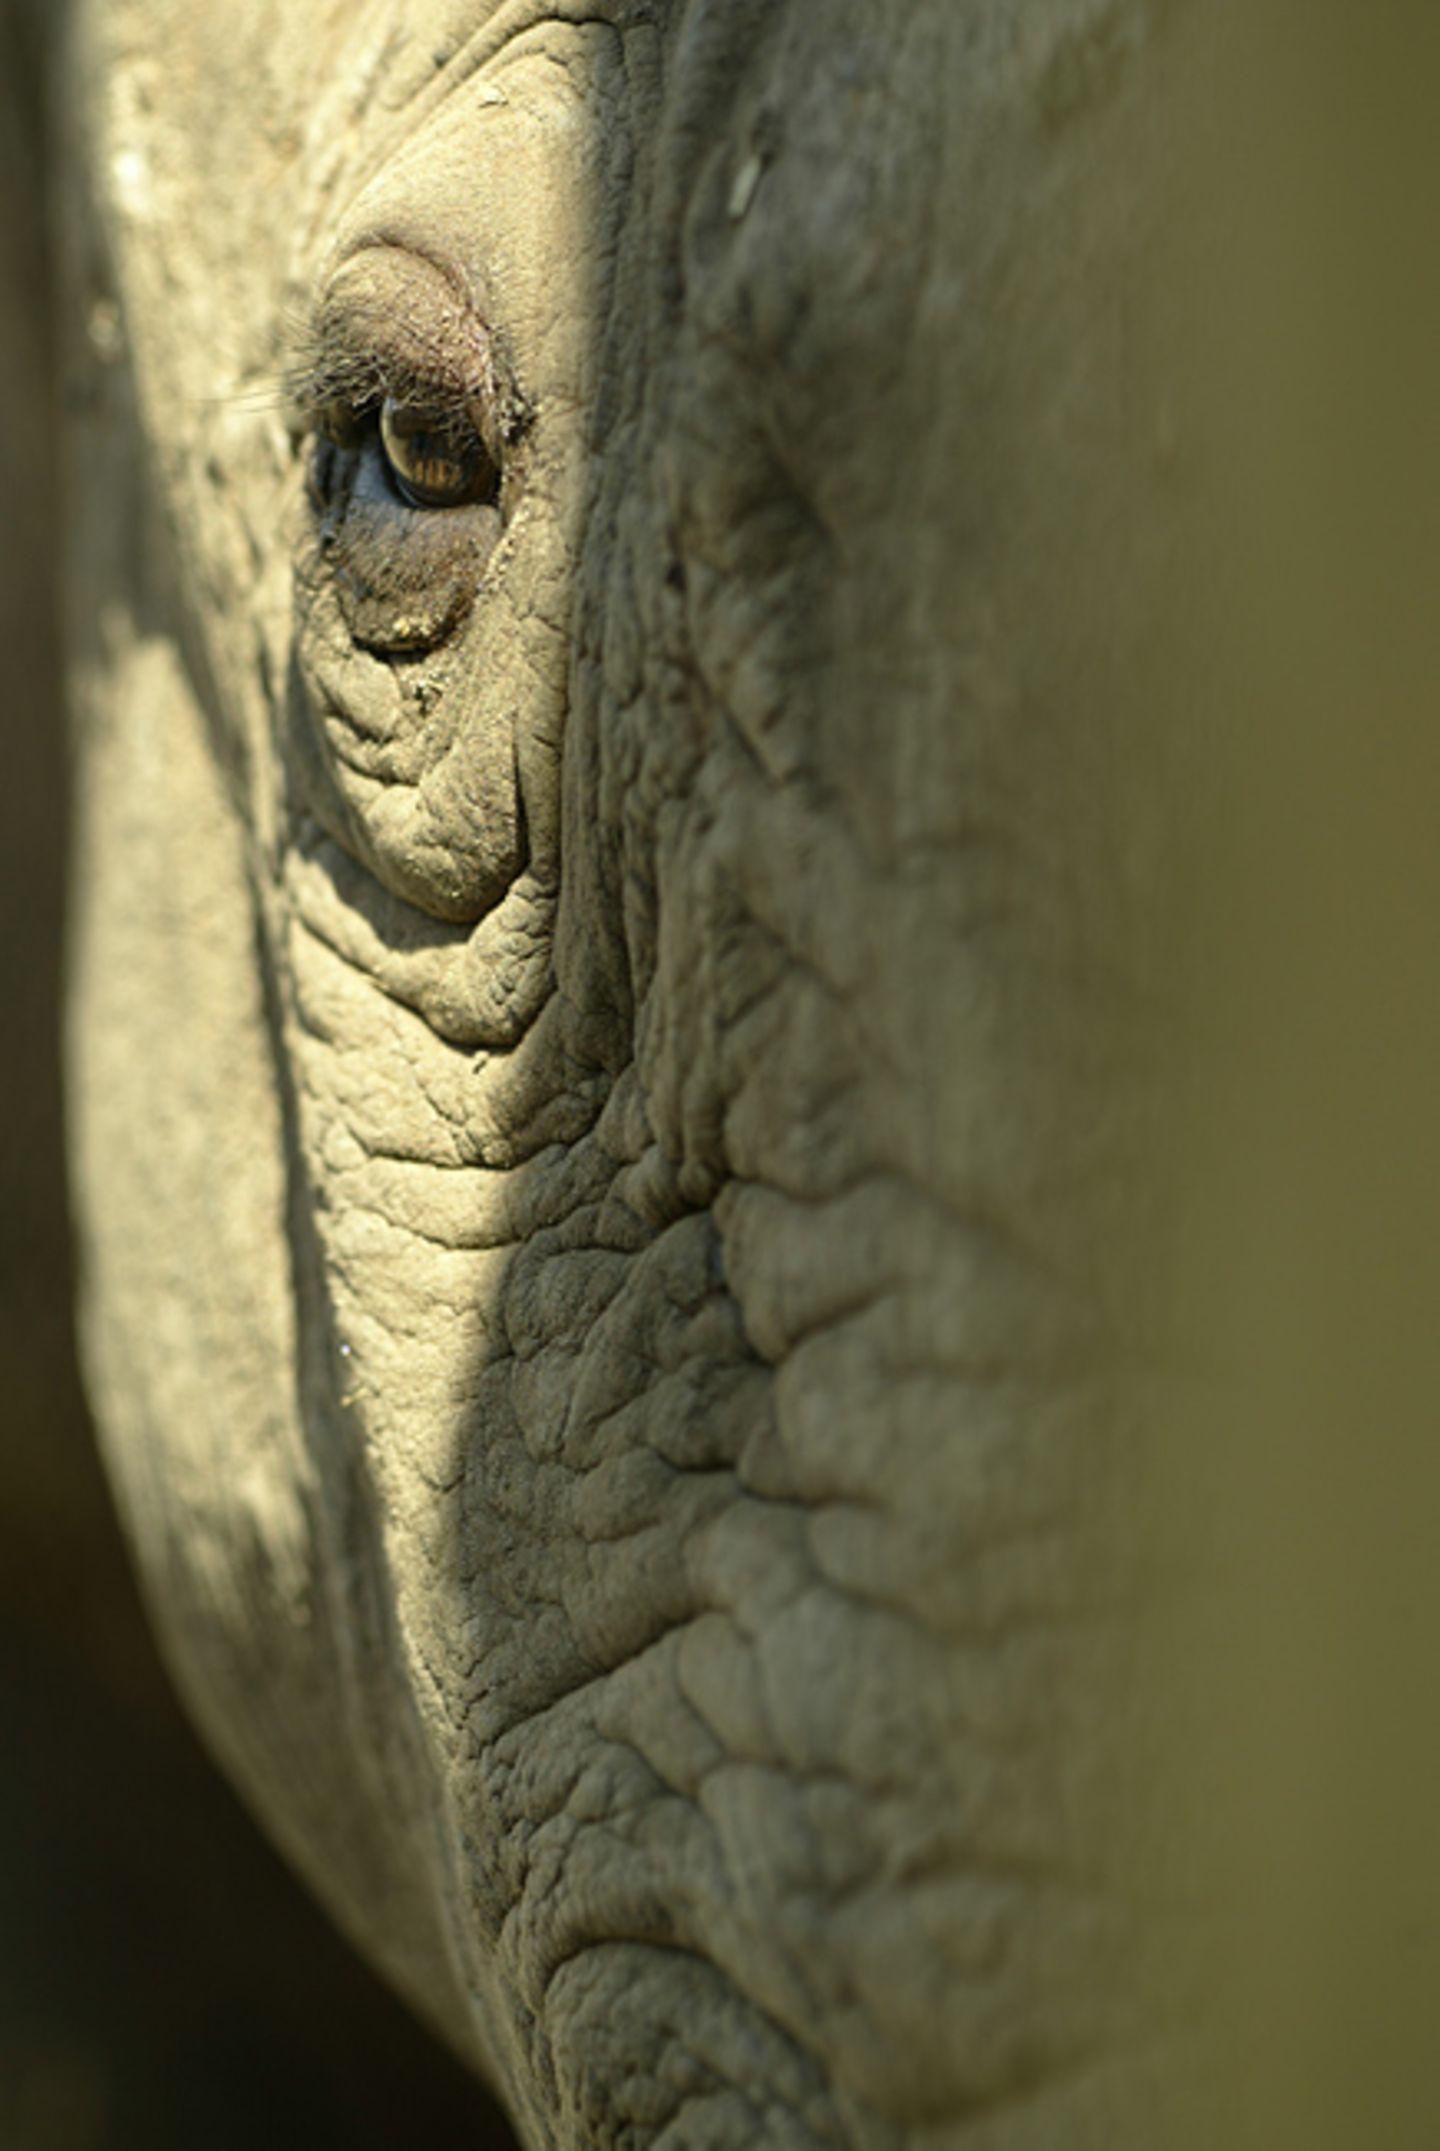 Fotostrecke: Rettet die Nashörner! - Bild 9